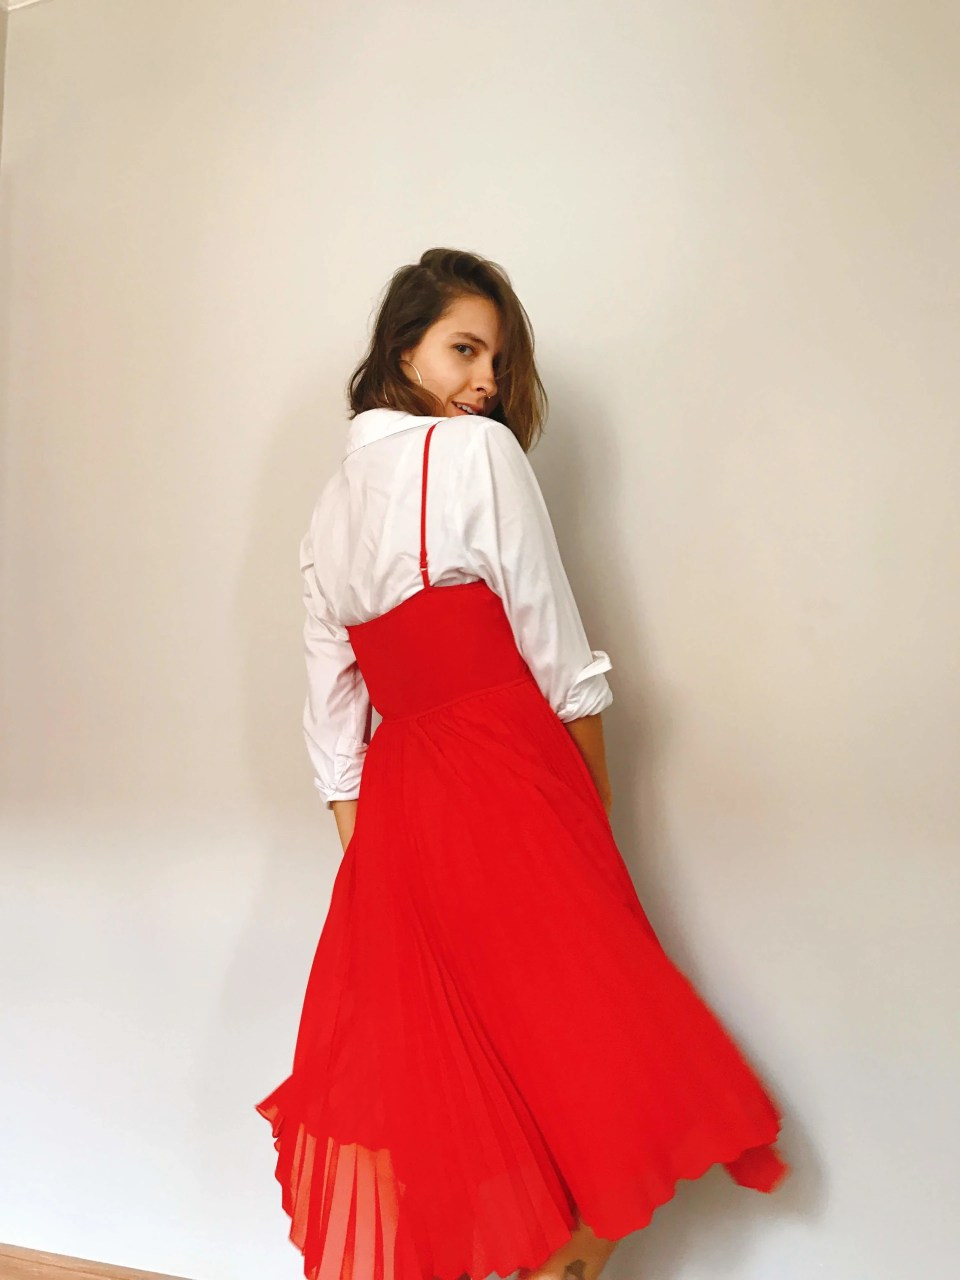 Marcie posa em frente de uma parede branca, de costas, olhando por cima do ombro. O look é composto por camisa branca, usada por baixo de um vestido vermelho plissado de tiras finas mídi.